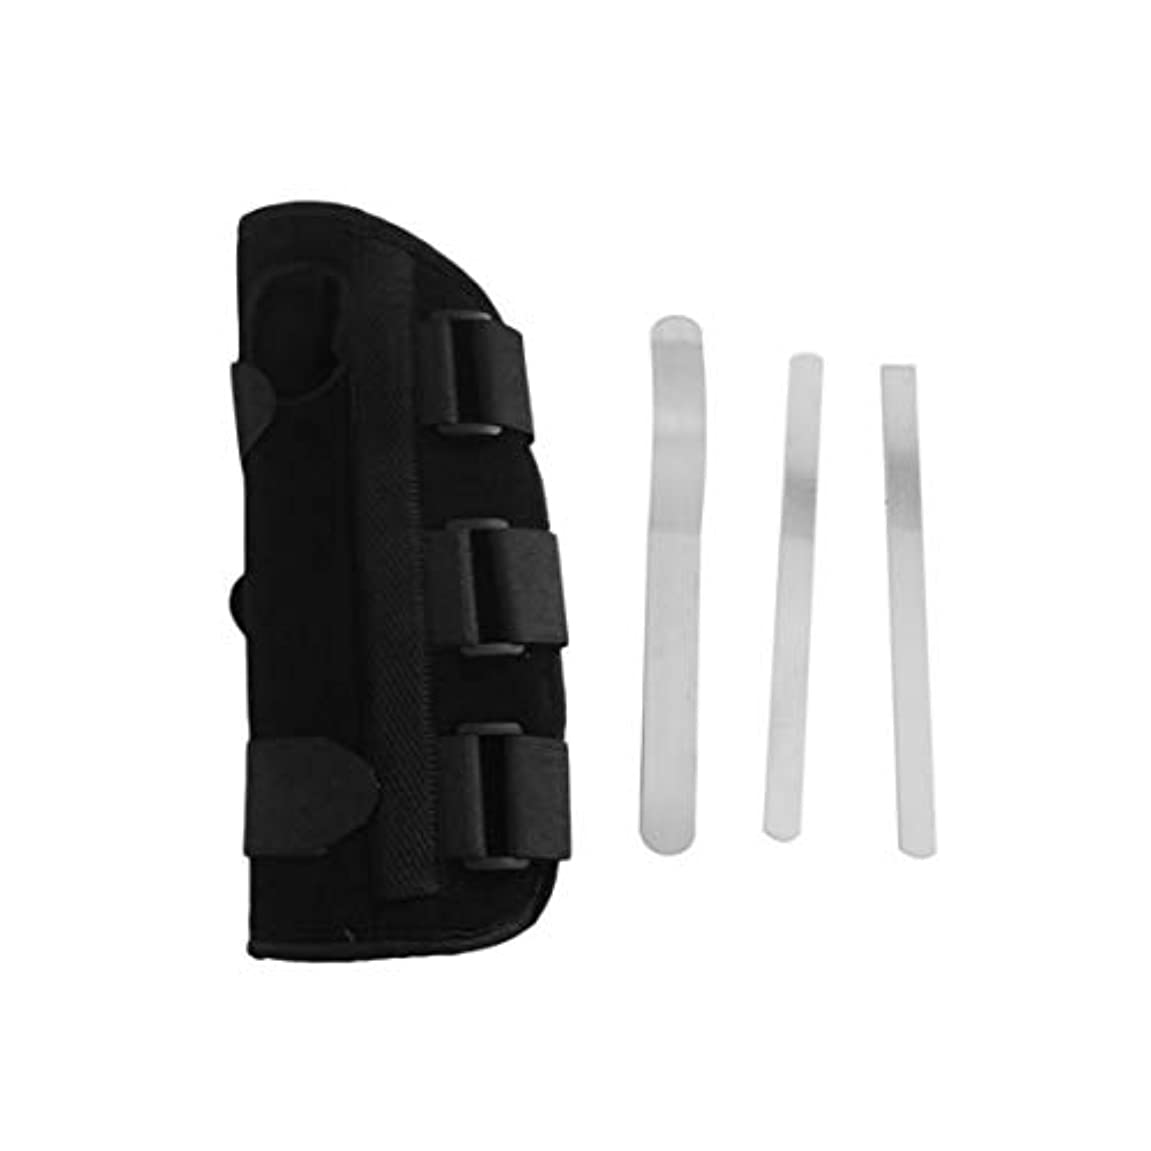 ペットホスト通り抜ける手首副木ブレース保護サポートストラップカルペルトンネルCTS RSI痛み軽減取り外し可能な副木快適な軽量ストラップ - ブラックS